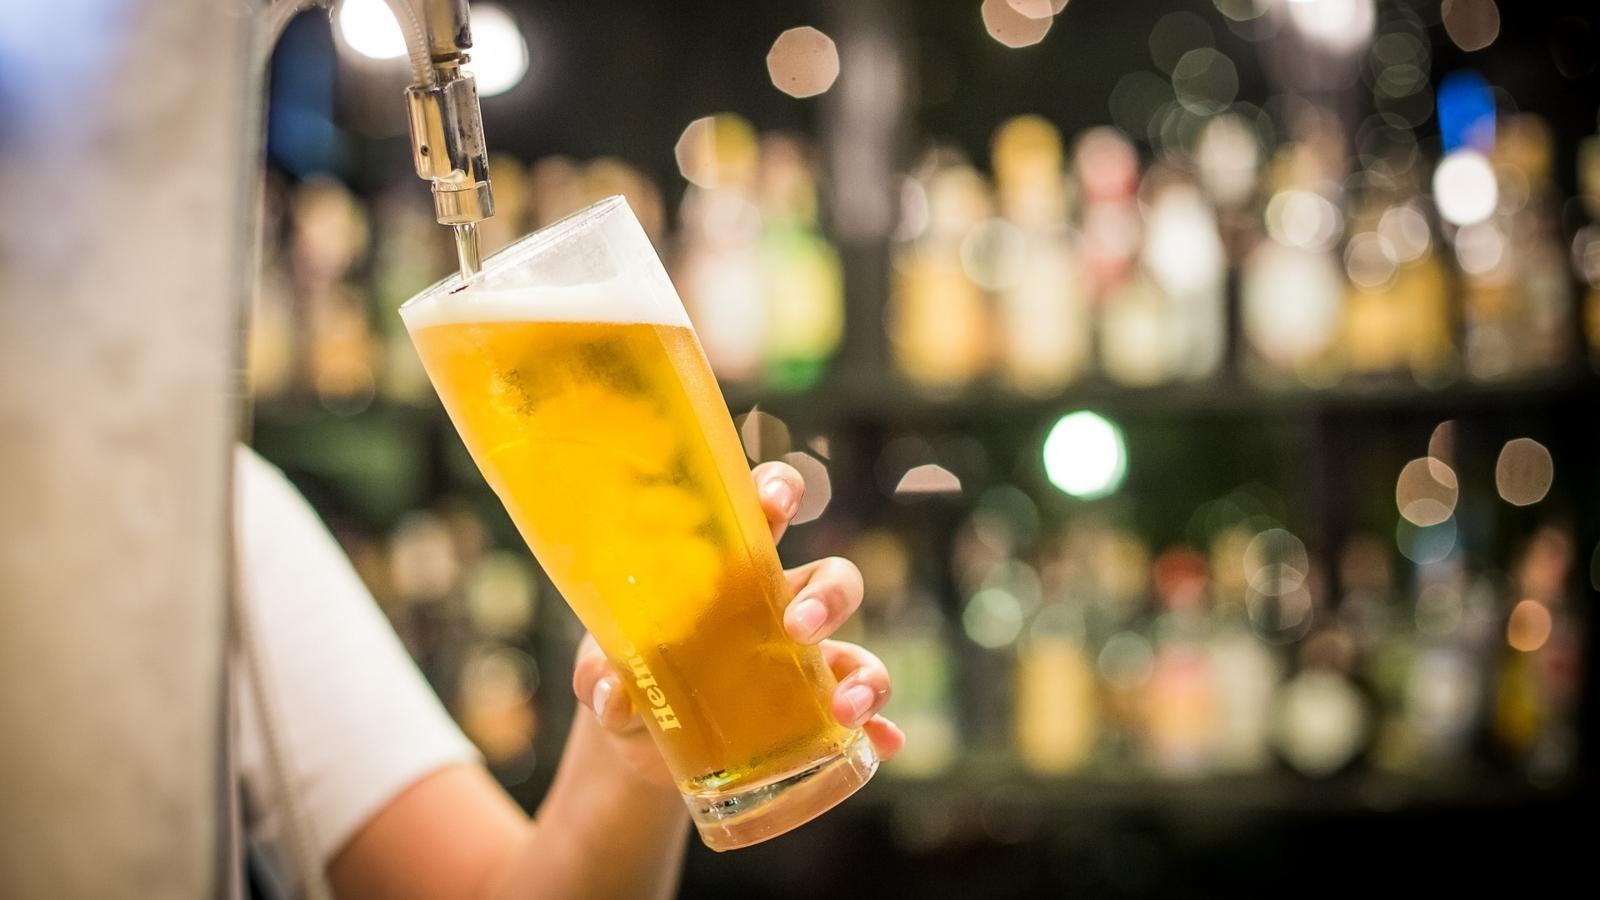 「ビールを買って帰ろうっと」